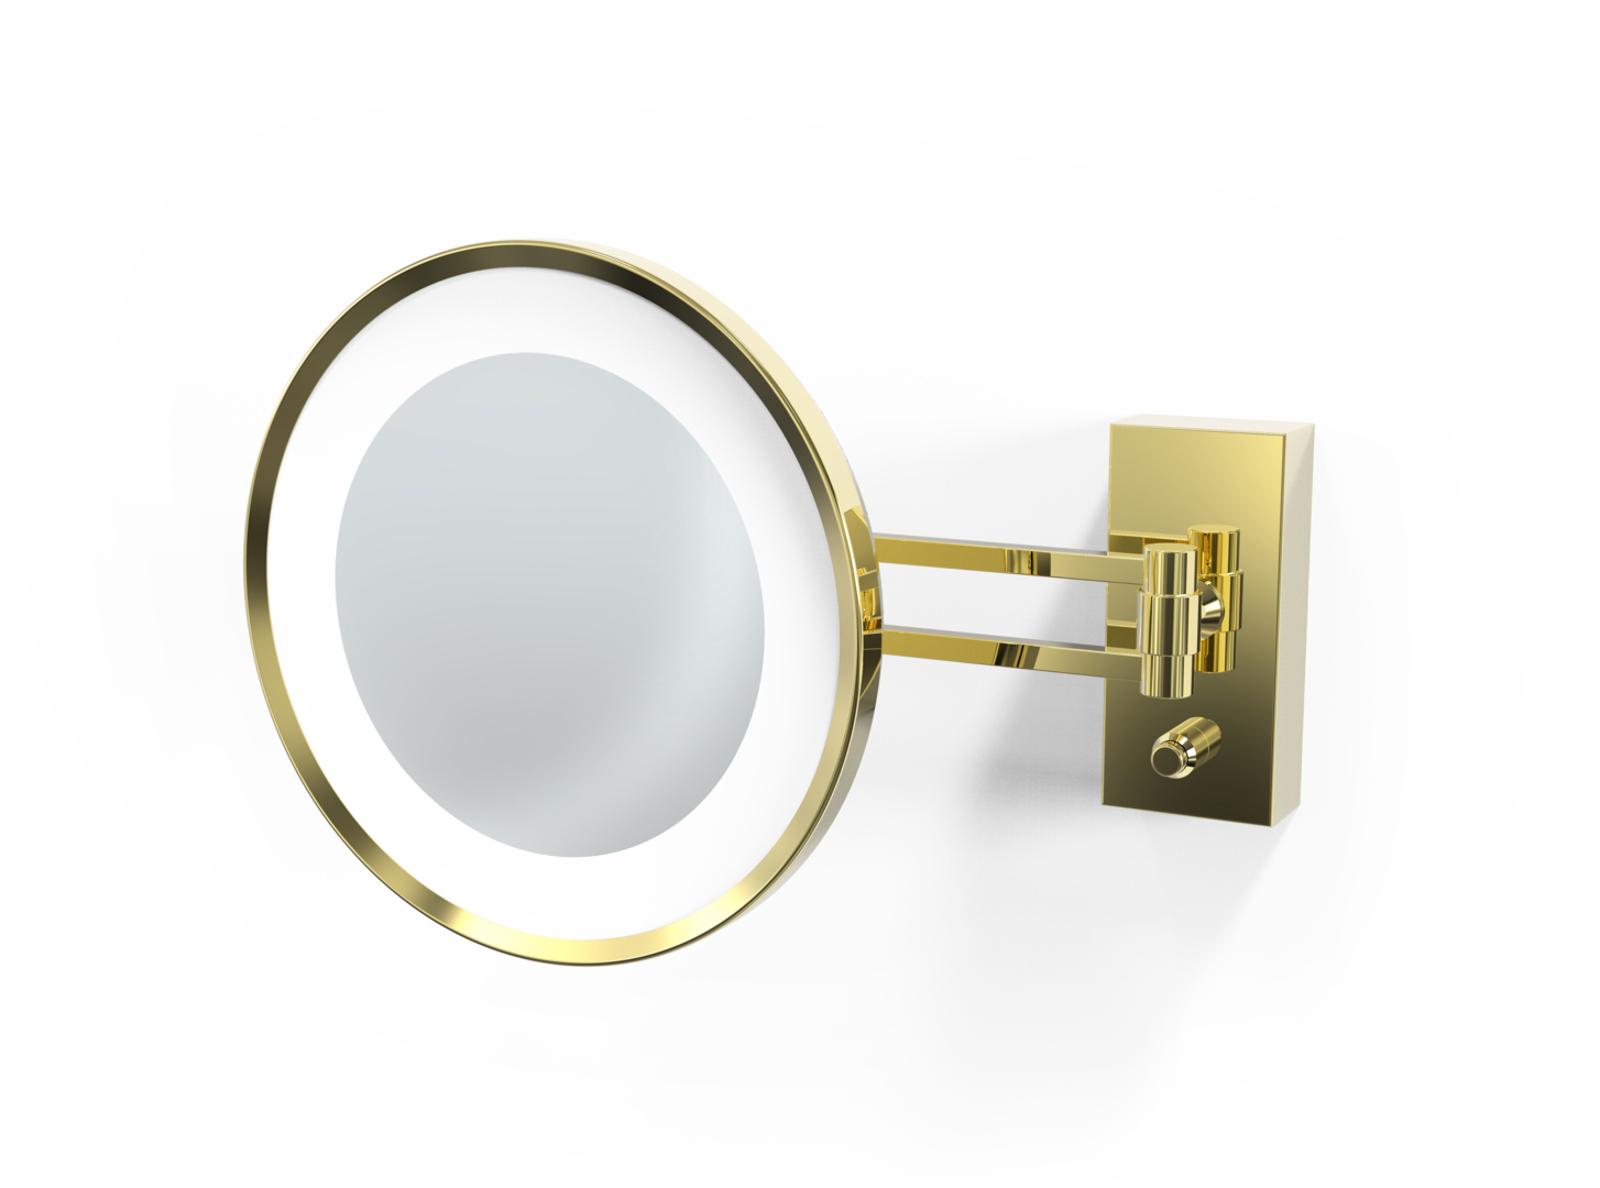 Decor Walther BS 36 espejo cosmético LED, dorado